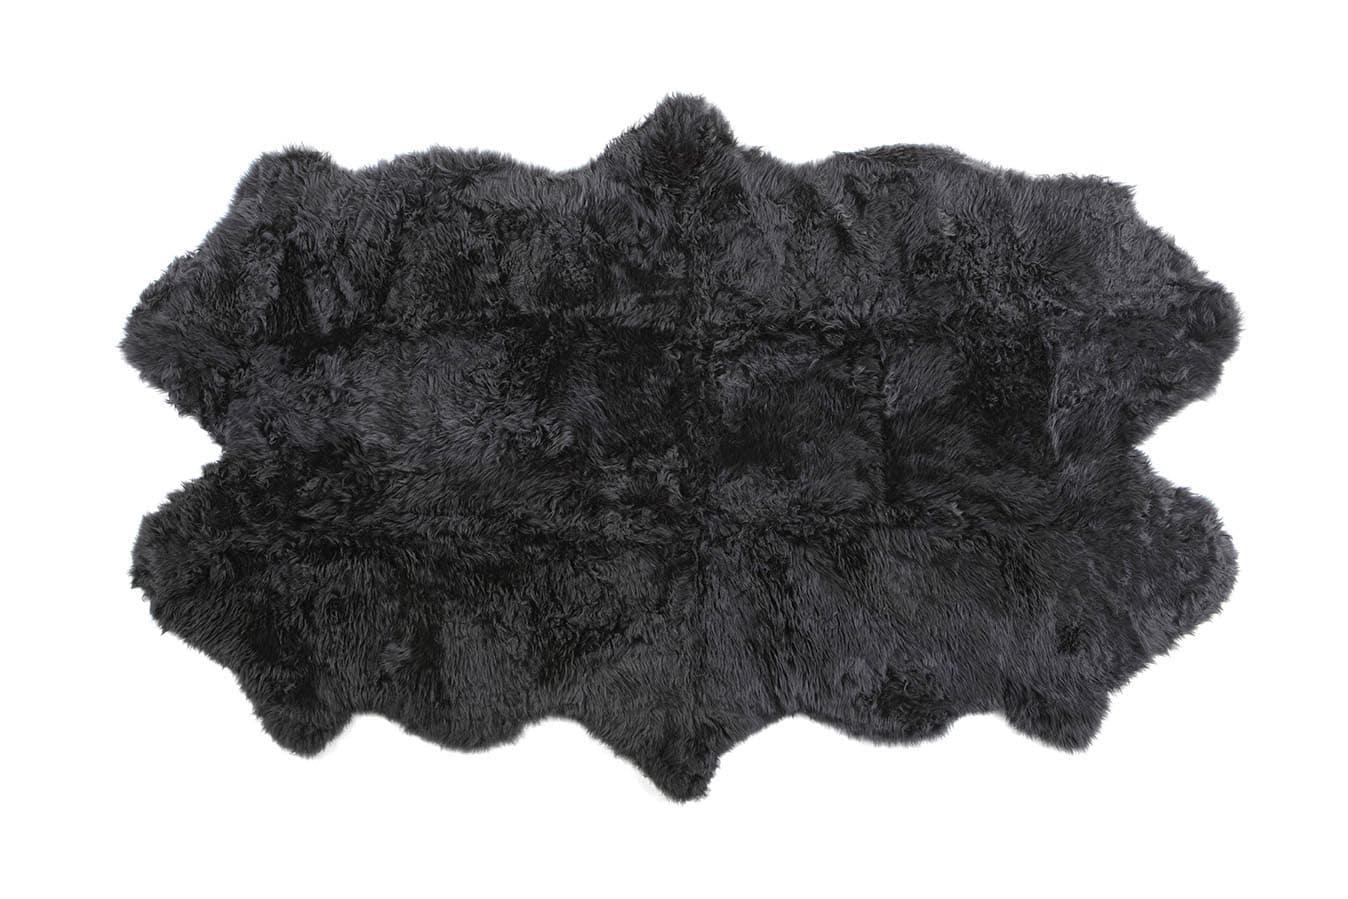 Ett långhårigt fårskinn med ursprung ifrån Australien. Infärgat i flera olika härliga nyanser. De större storlekarna är ihopsydda utav flera fårskinn. Baksida i naturligt ofärgat läder.